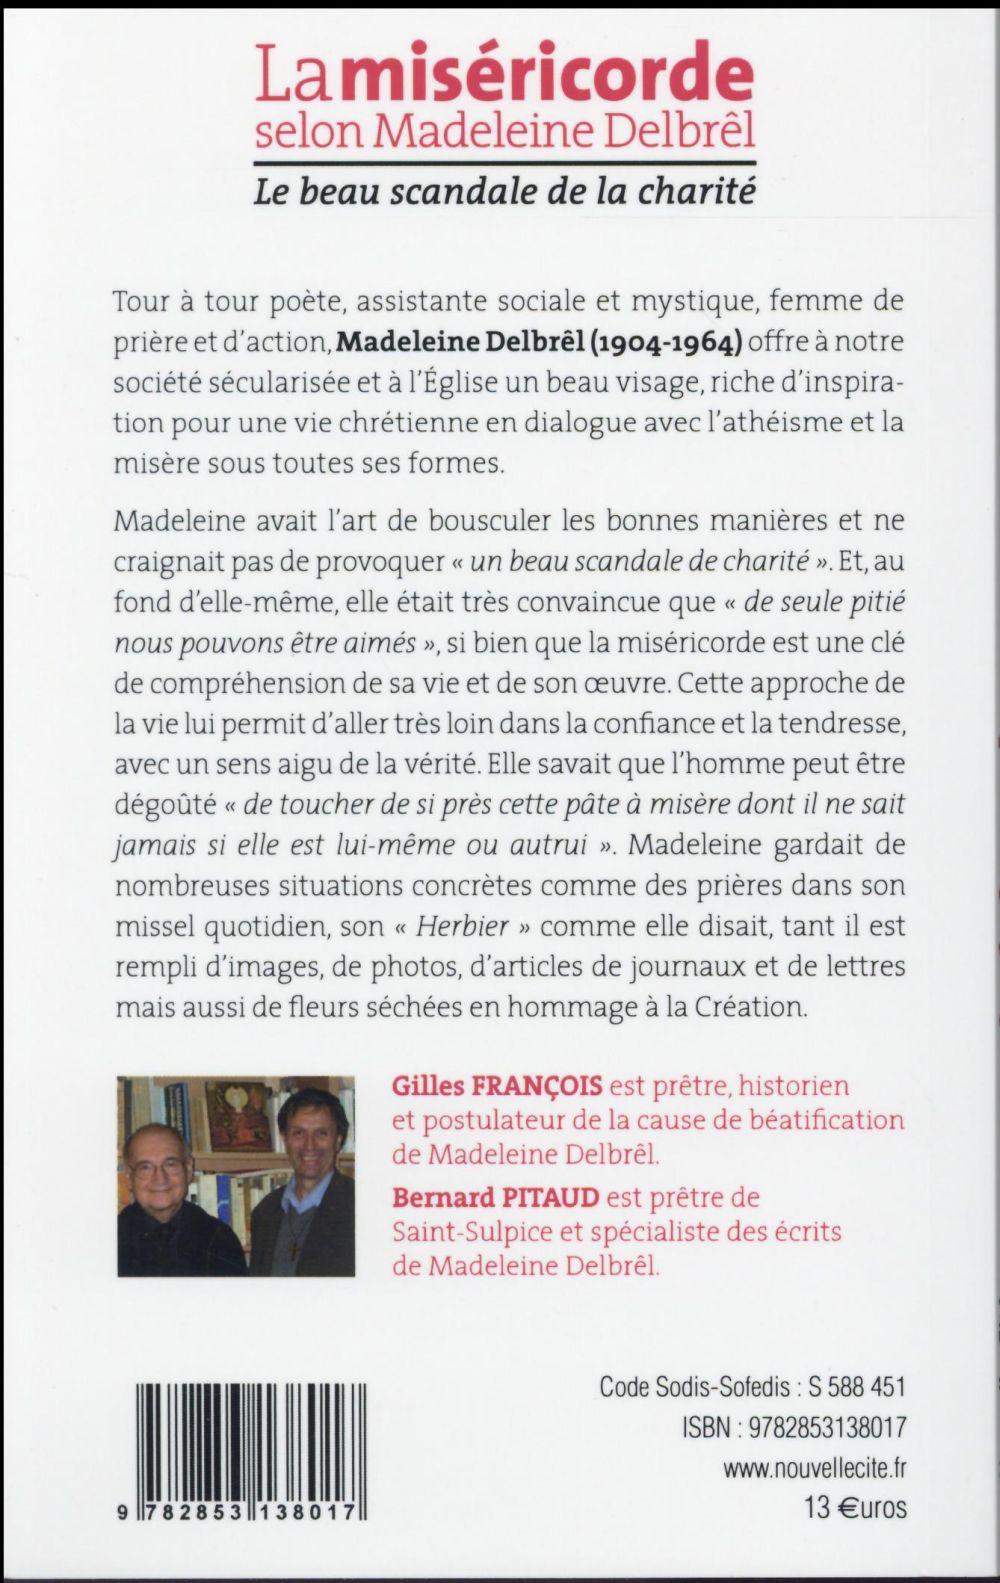 La miséricorde selon Madeleine Delbrel ; le scandale de la charité